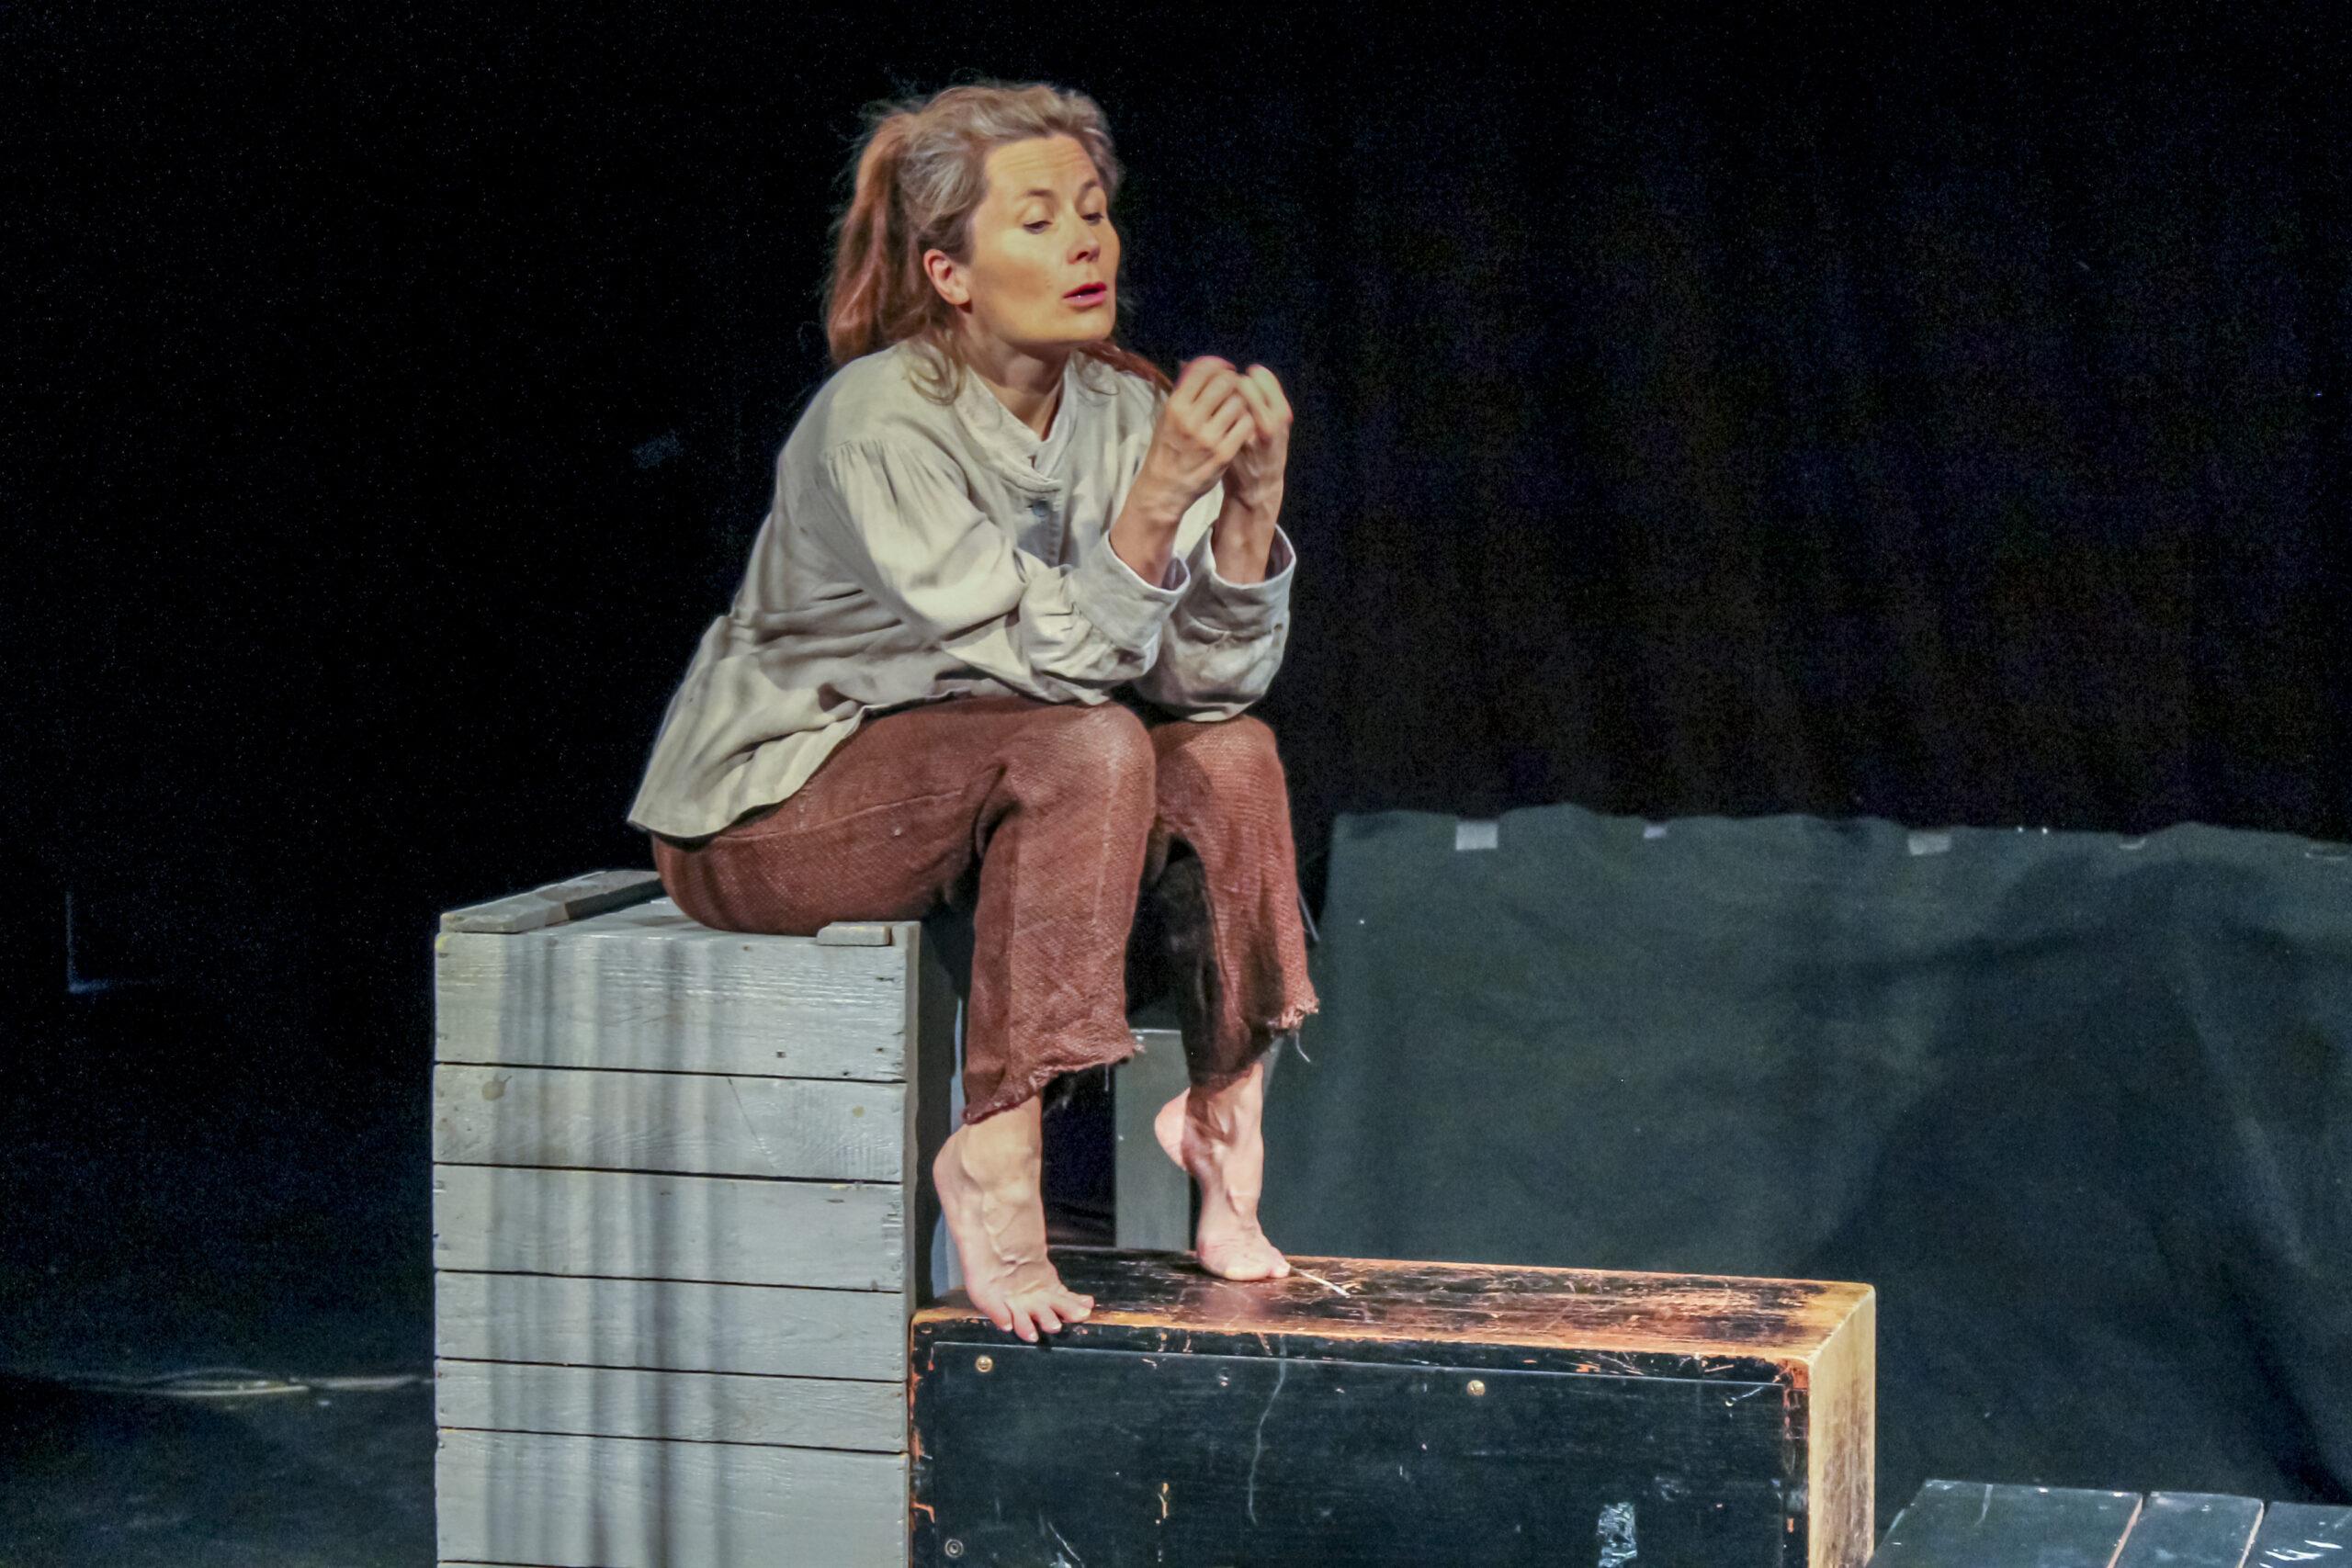 Näytteliijä istuu puulaatikon päällä huivi päässään.